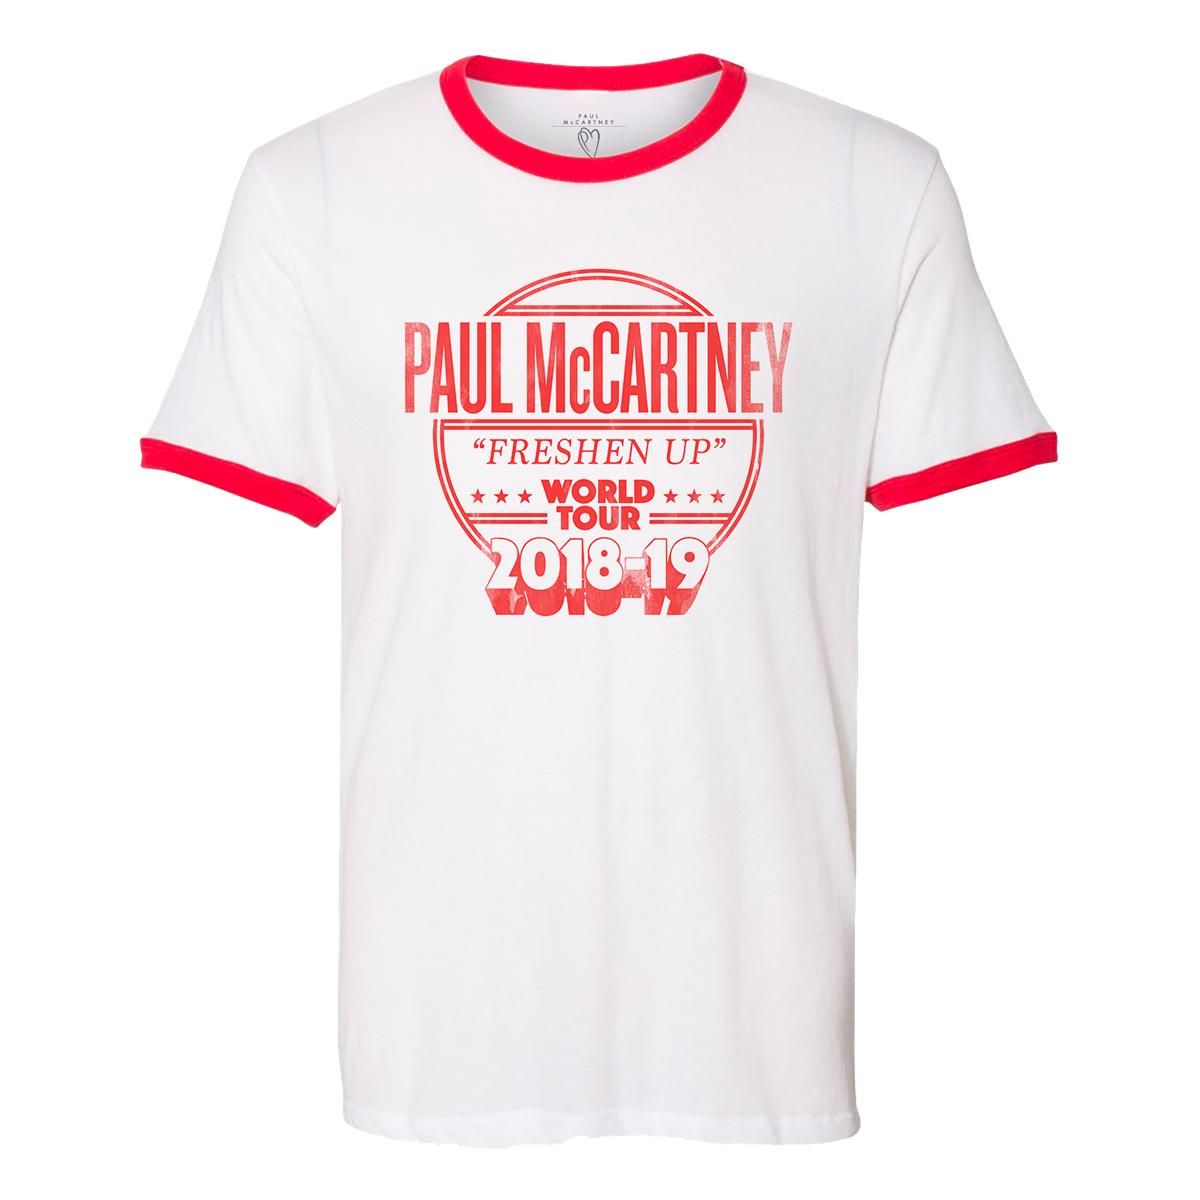 Freshen Up 2018-19 Tour Ringer T-Shirt